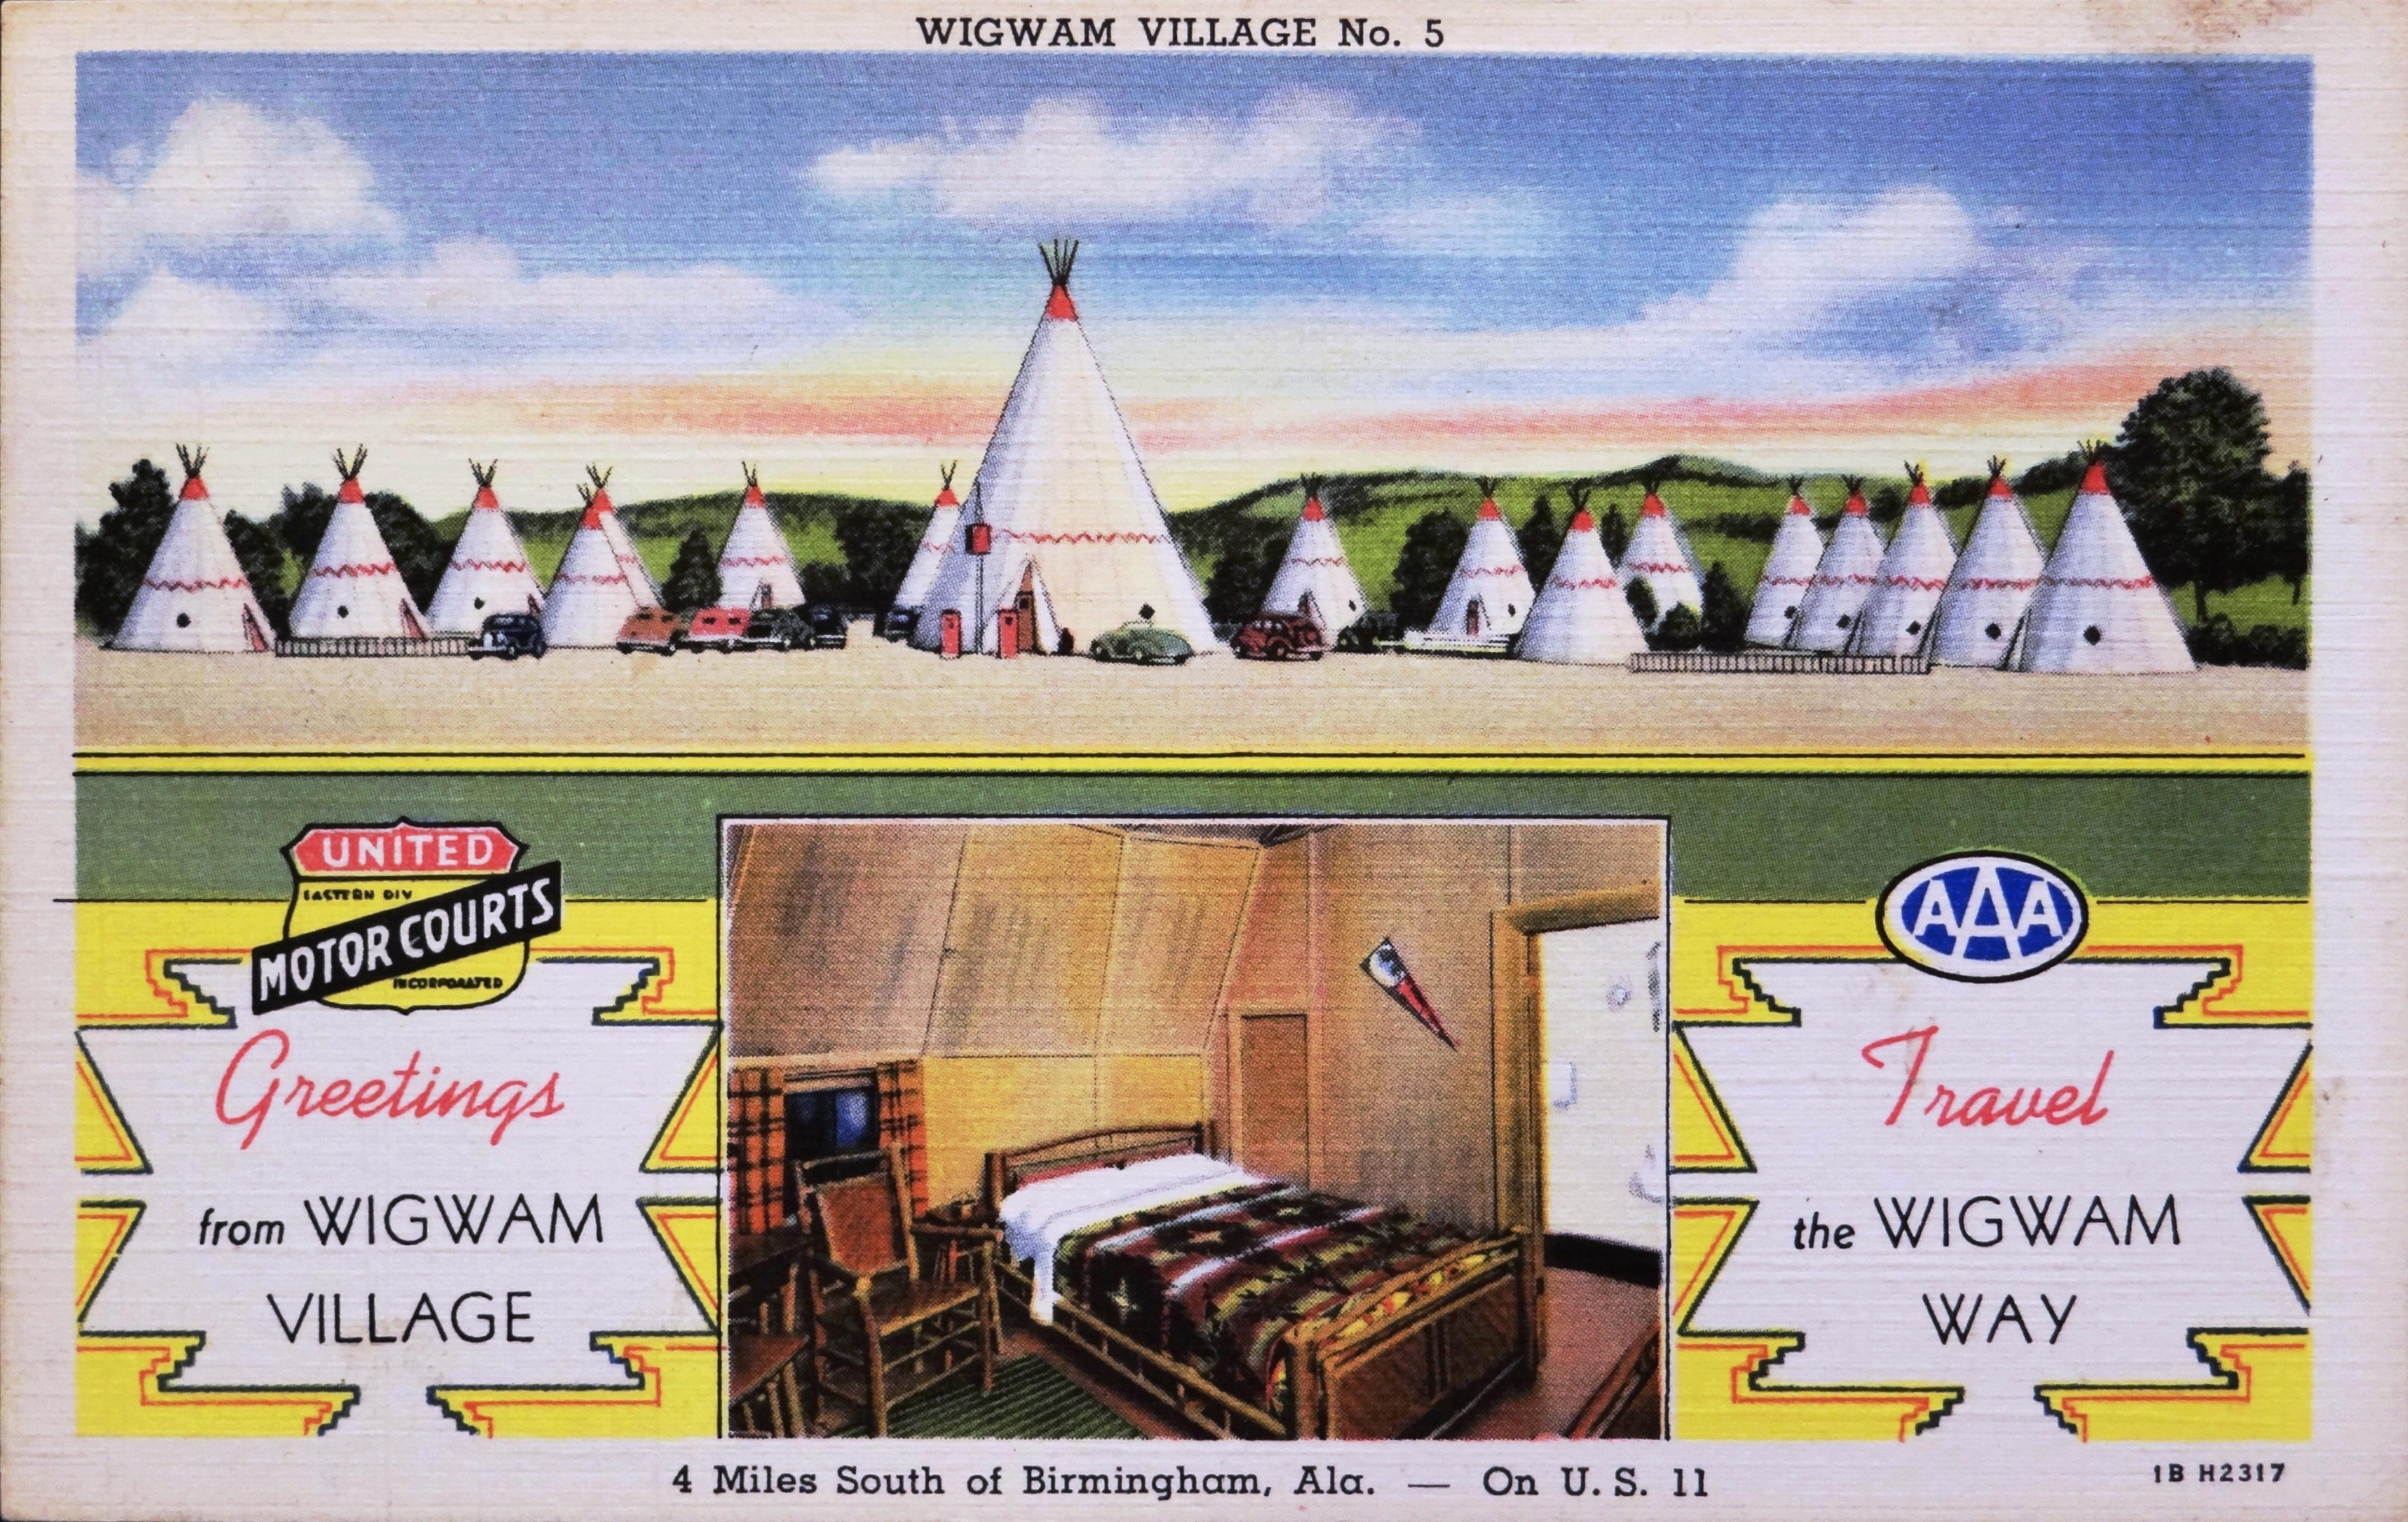 Wigwam Village No. 5 - Birmingham, Alabama U.S.A. - 1940's - Curt Teich & Company postcard 1B H2317